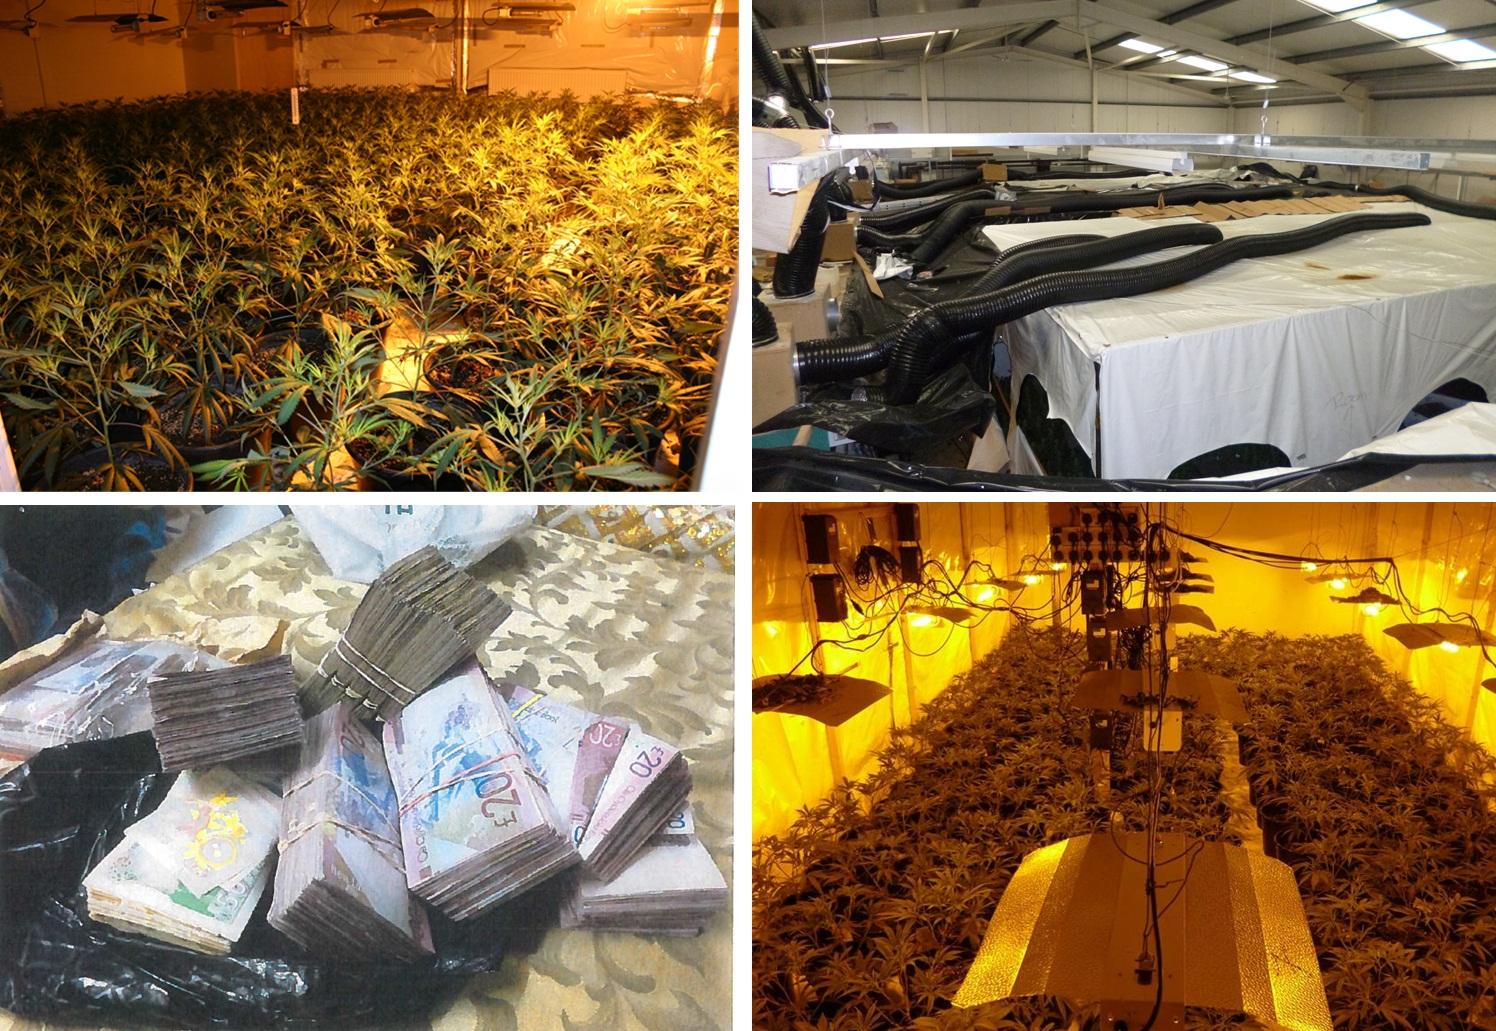 Cannabis empire